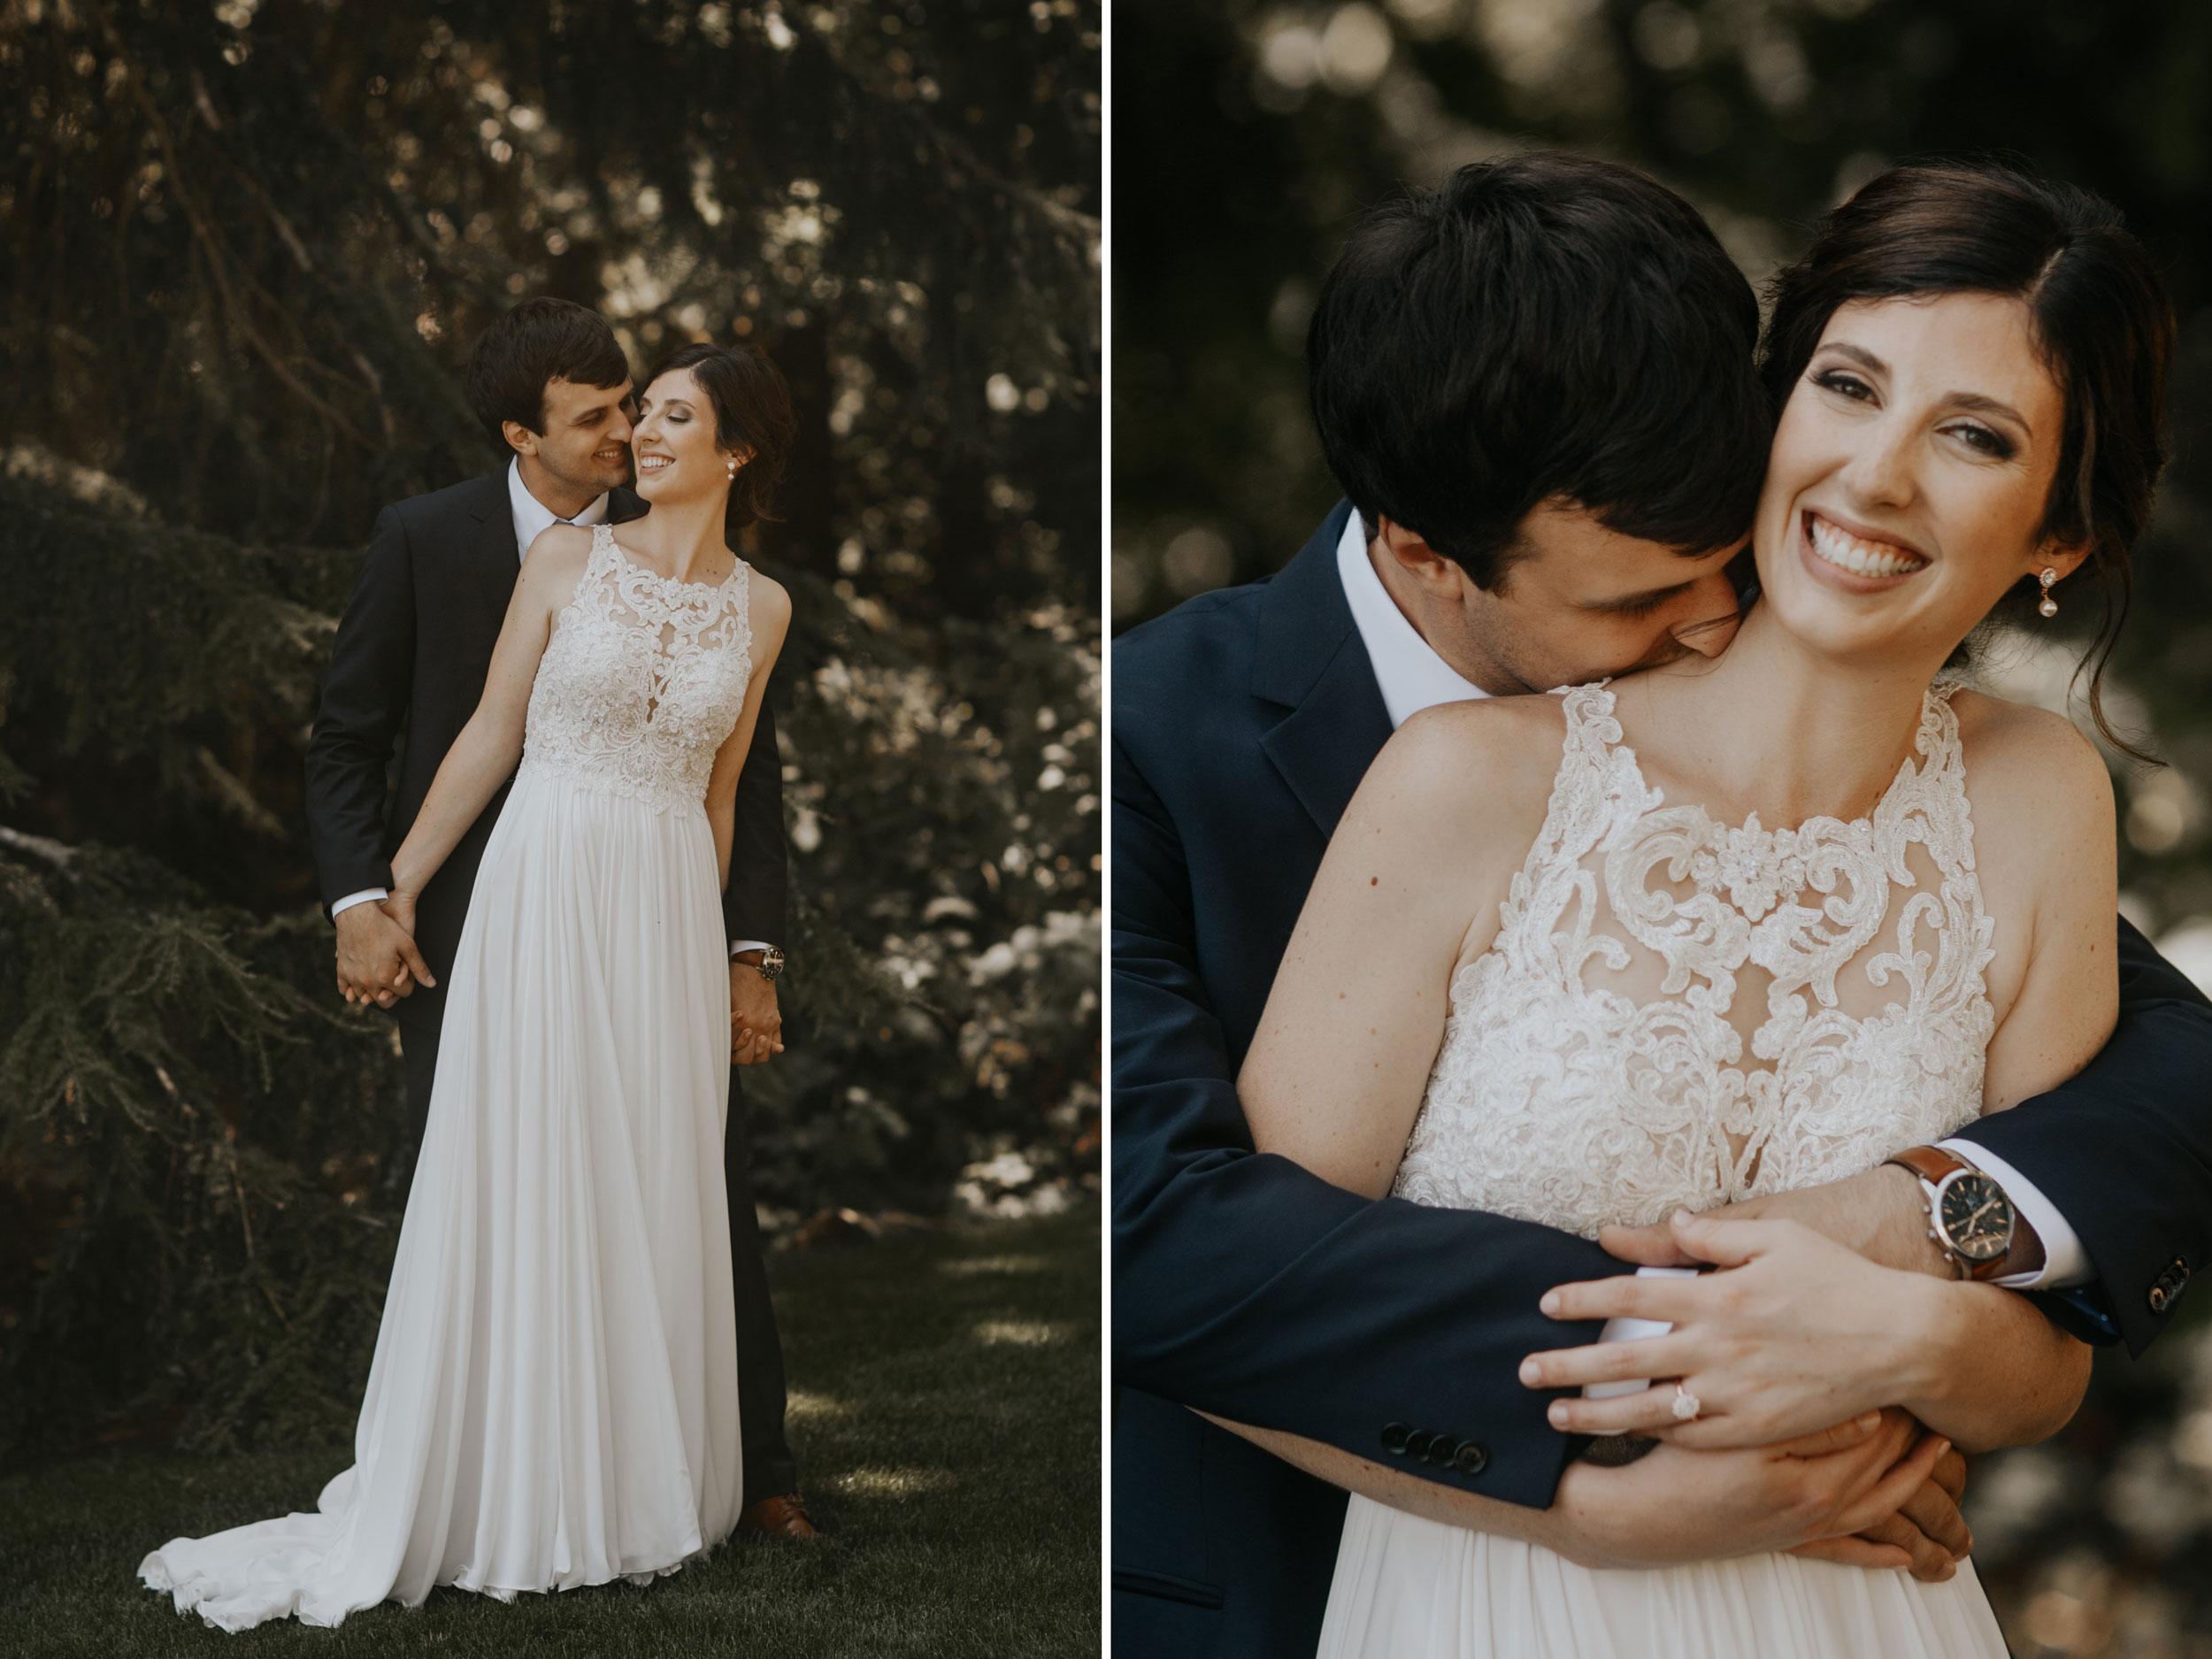 ginapaulson_katymatt_wedding-38.jpg